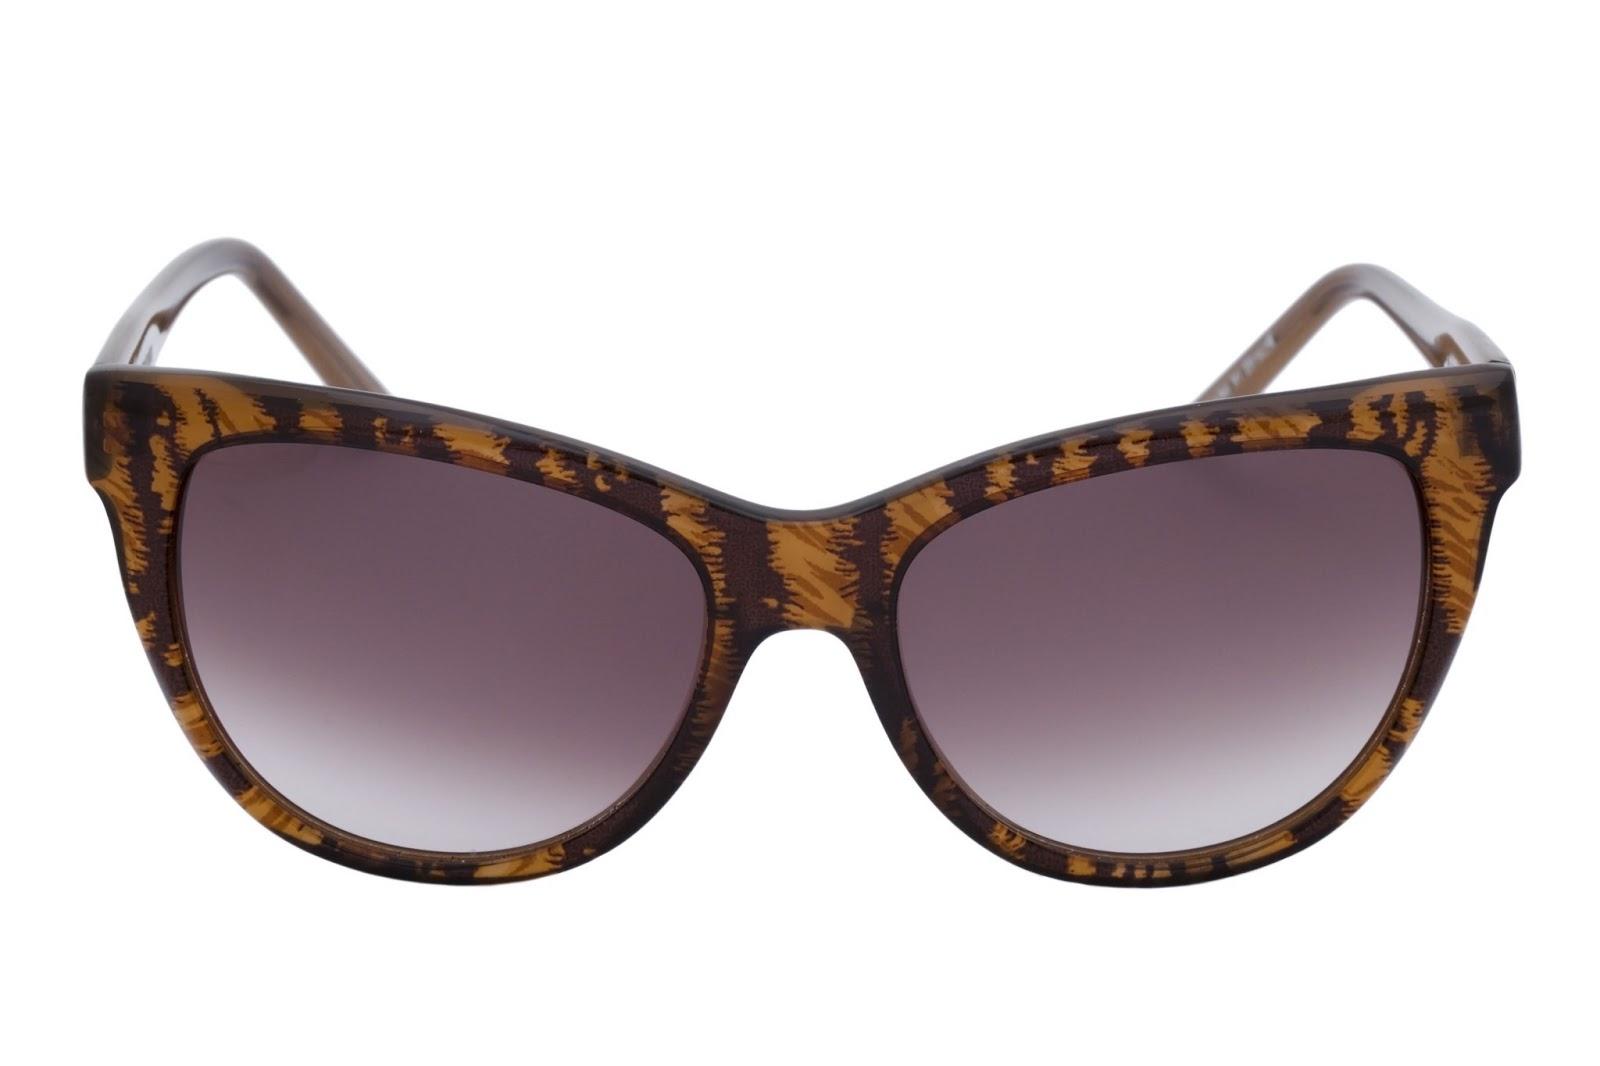 Onde Comprar Oculos Ray Ban Em New York   City of Kenmore, Washington 9c81e3e119